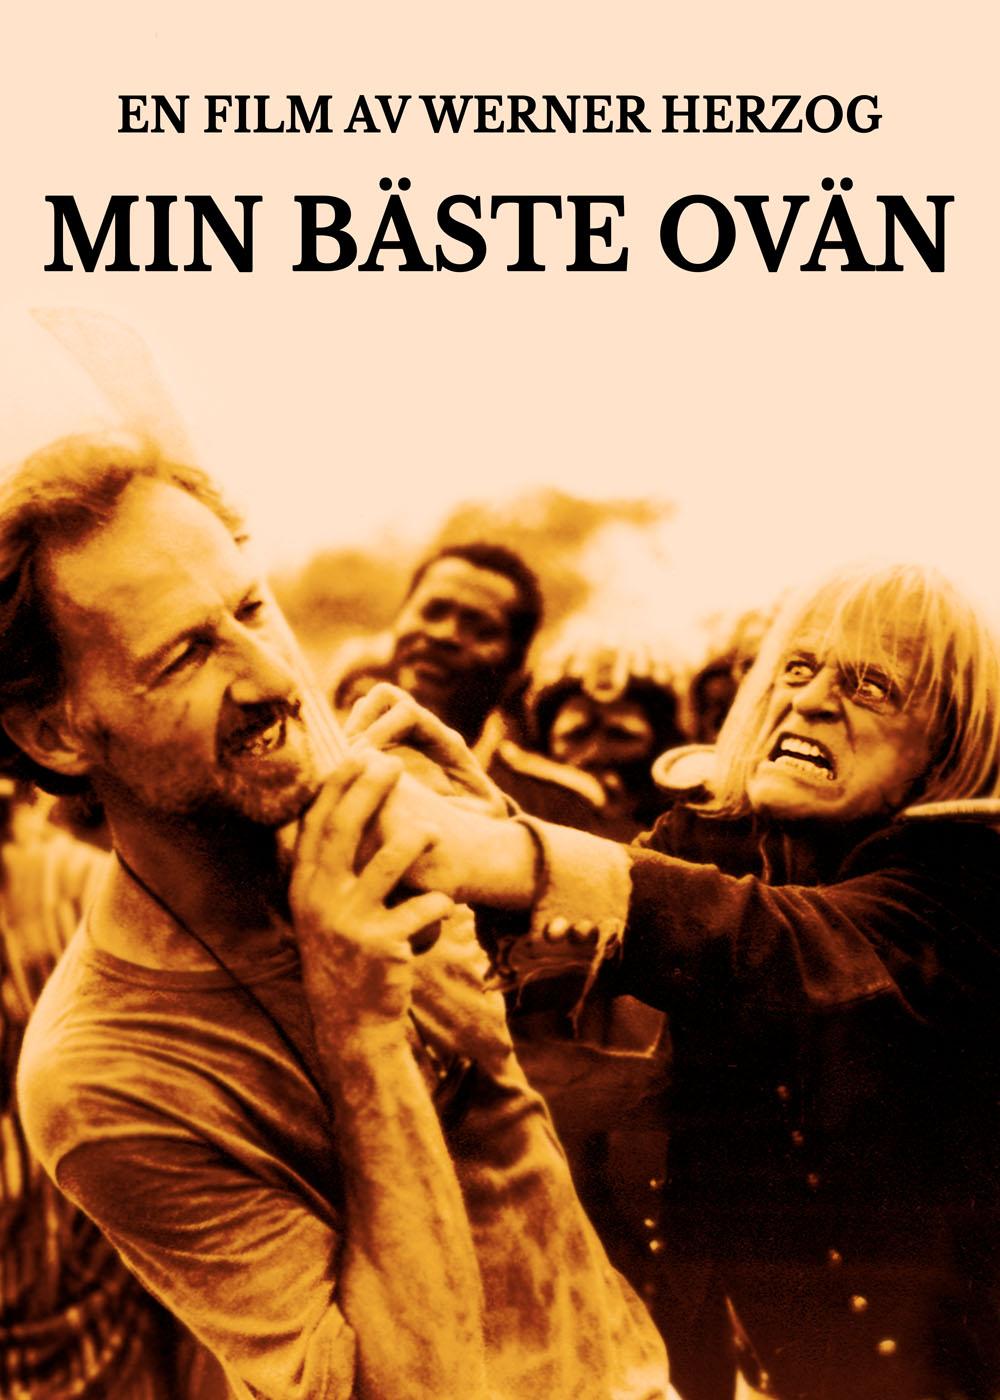 minbästeovän_poster.jpg